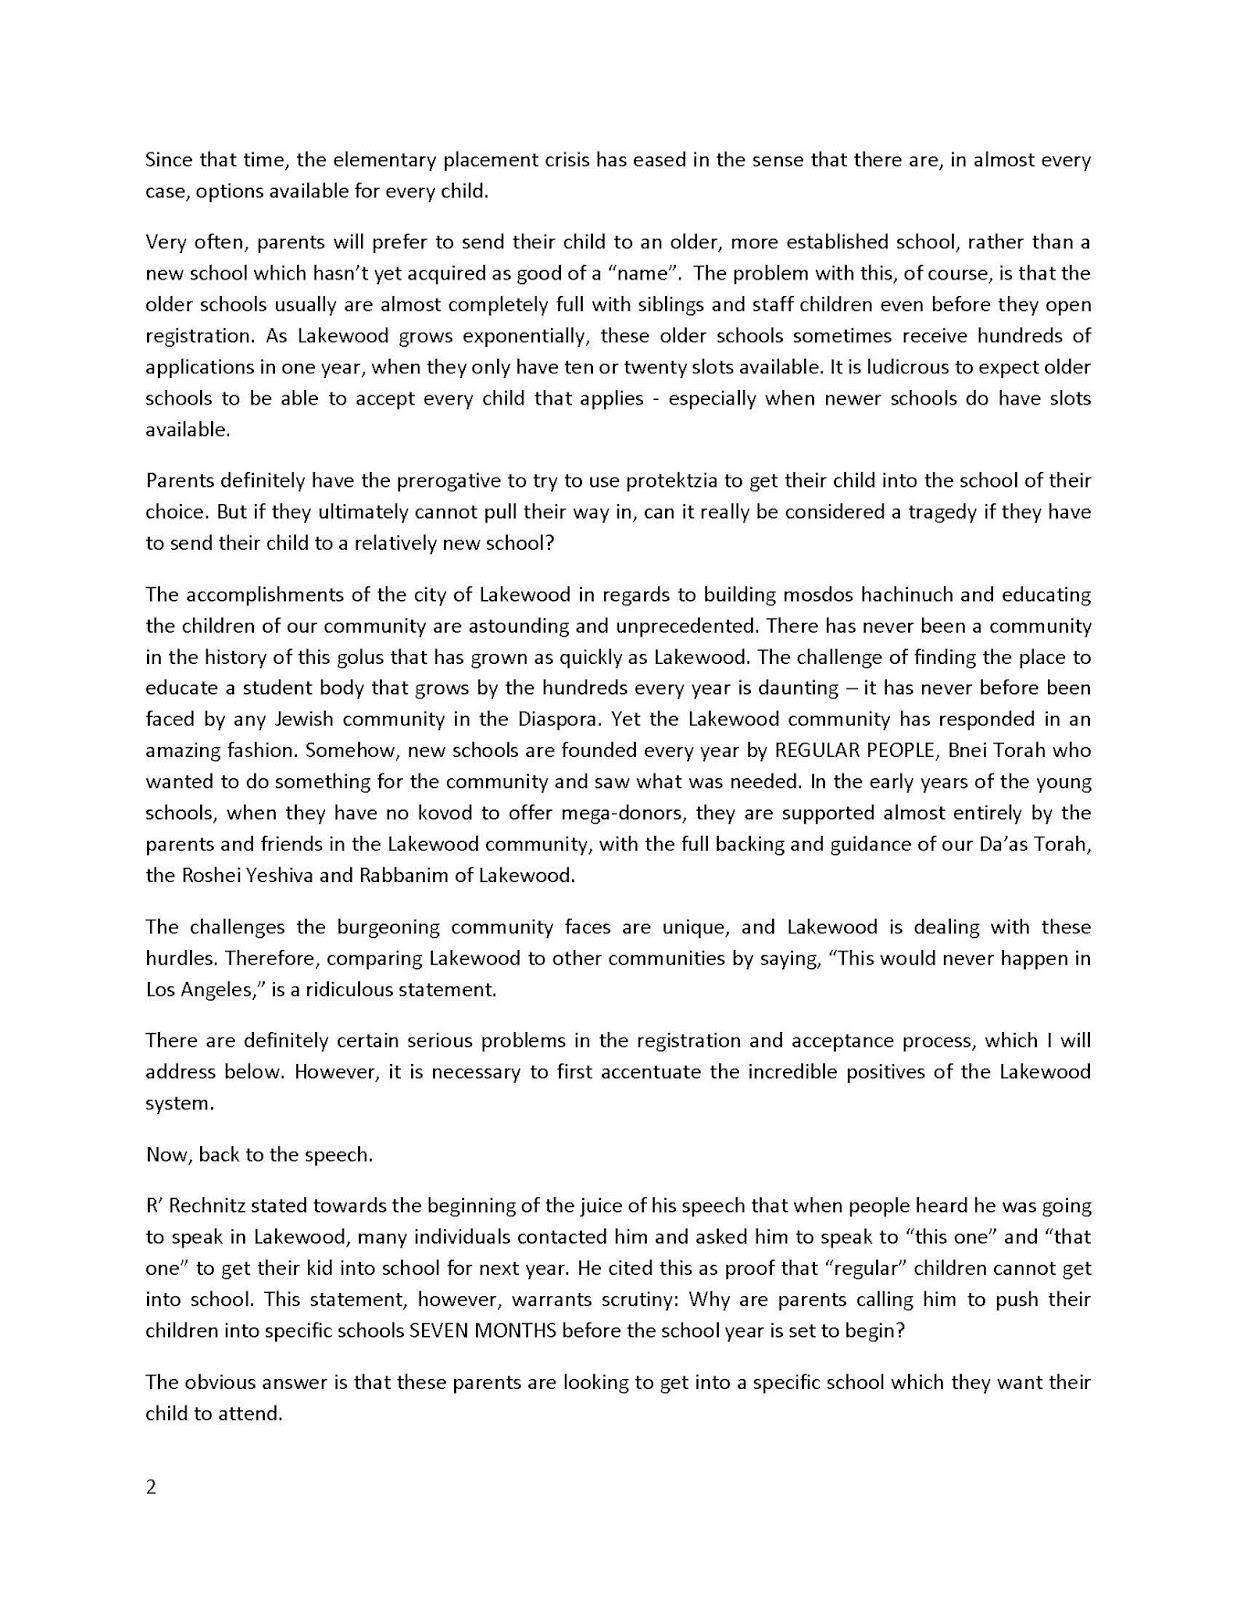 current pharma scenario in india essay